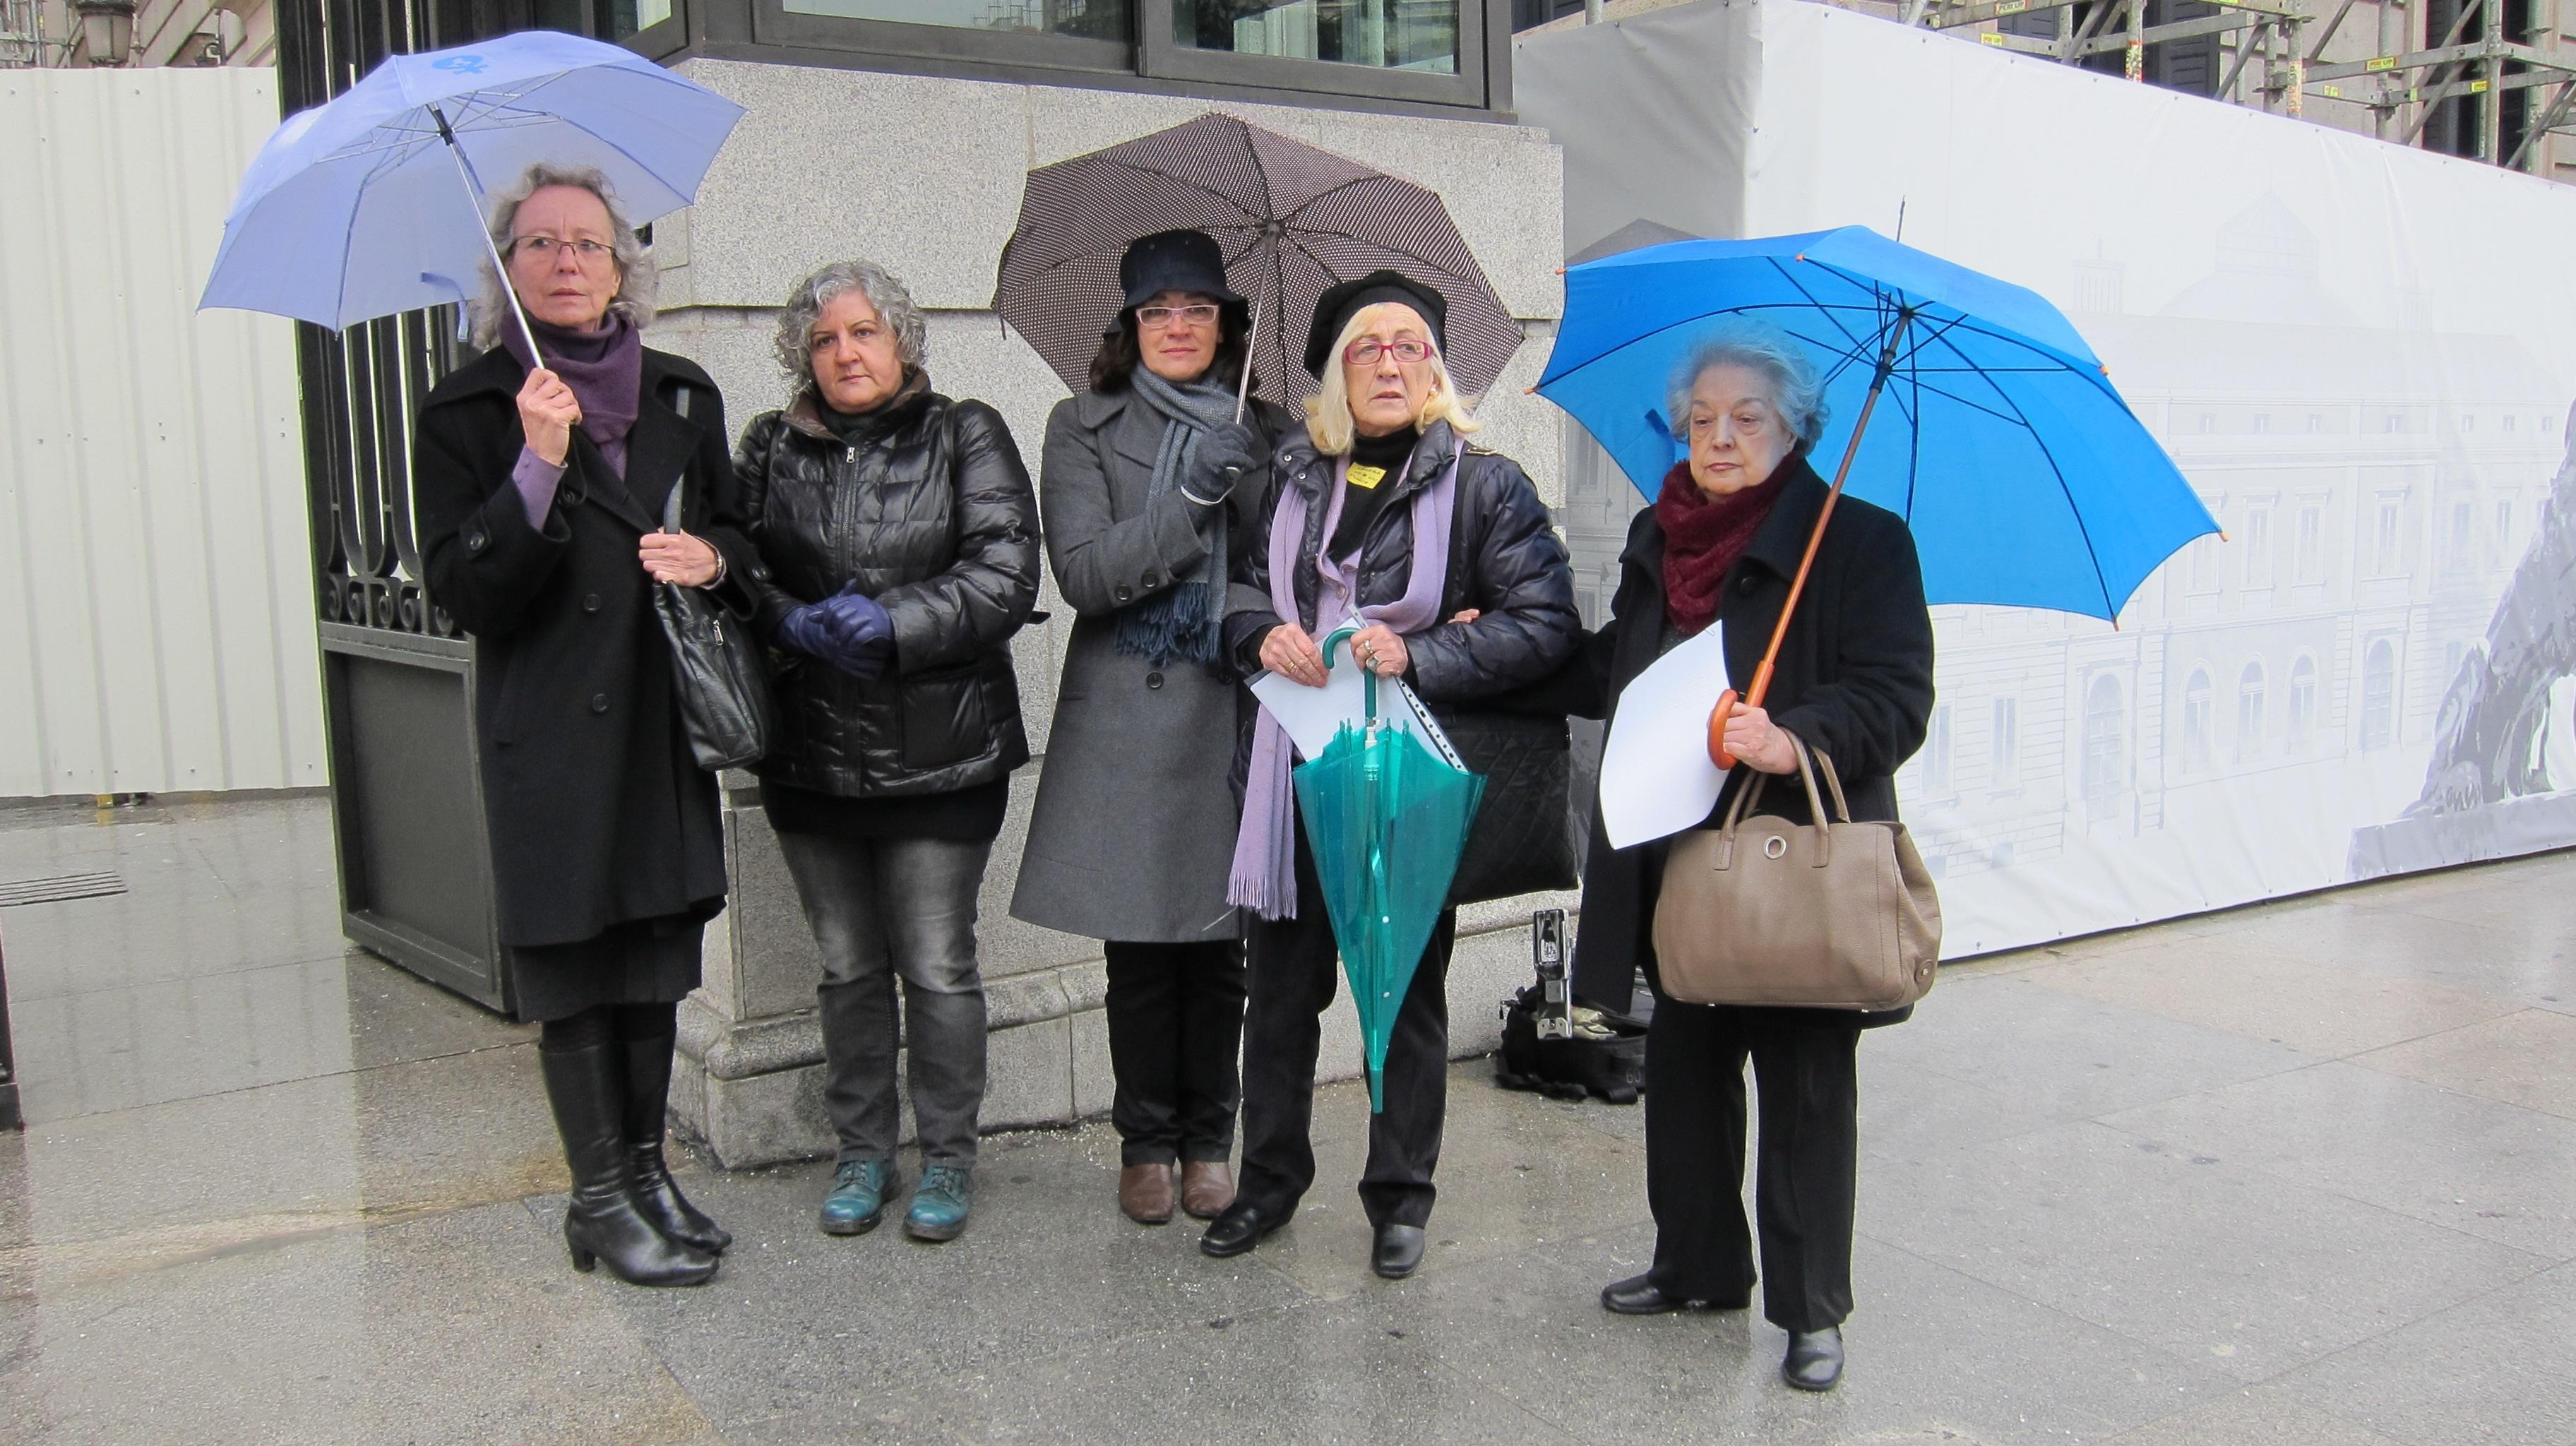 Más de 50 asociaciones feministas piden a Rosa Díez el cese inmediato de Toni Cantó y censuran su silencio